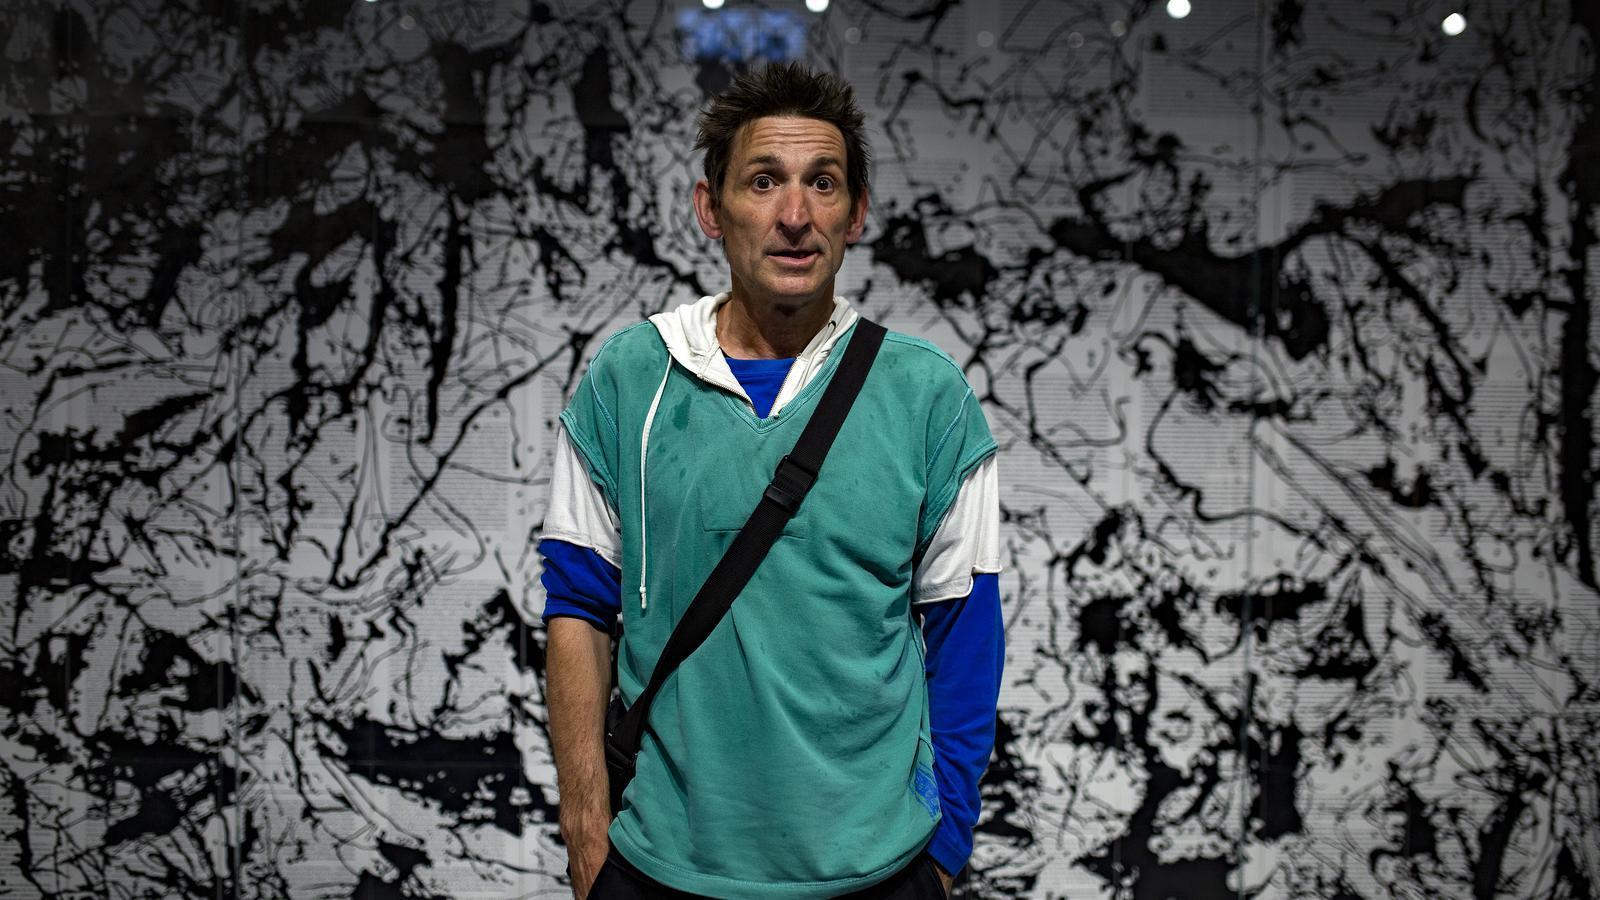 Albert Pla davant l'obra d'Art & Language 'Picasso's Guernica in the style of Jackson Pollock' a la llibreria Ona del carrer Pau Claris de Barcelona / FRANCESC MELCION